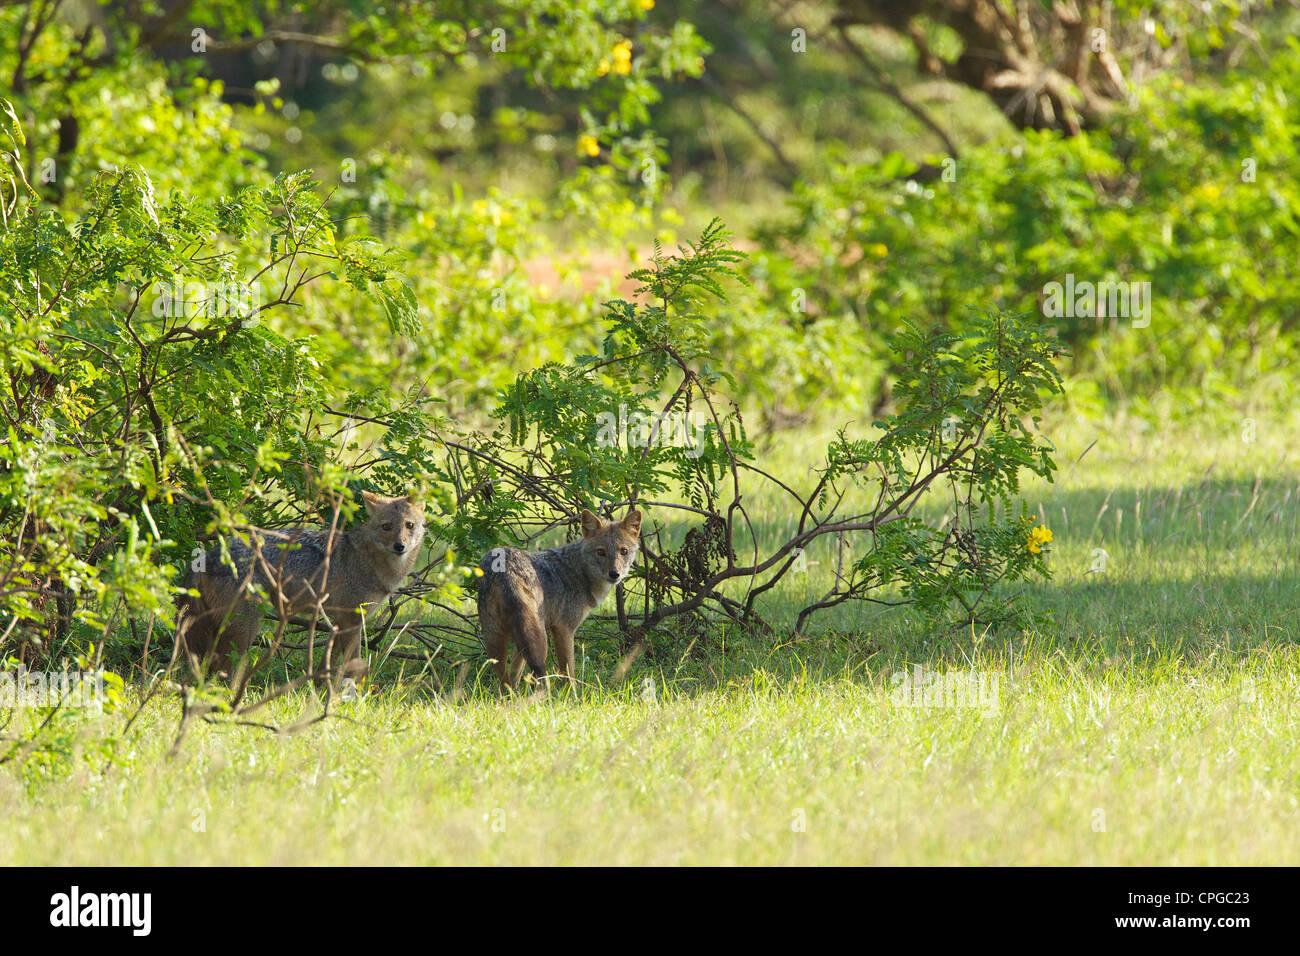 Du sud de l'Inde ou du Sri Lanka, Chacal Canis aureus naria, parc national de Yala, au Sri Lanka, en Asie Banque D'Images